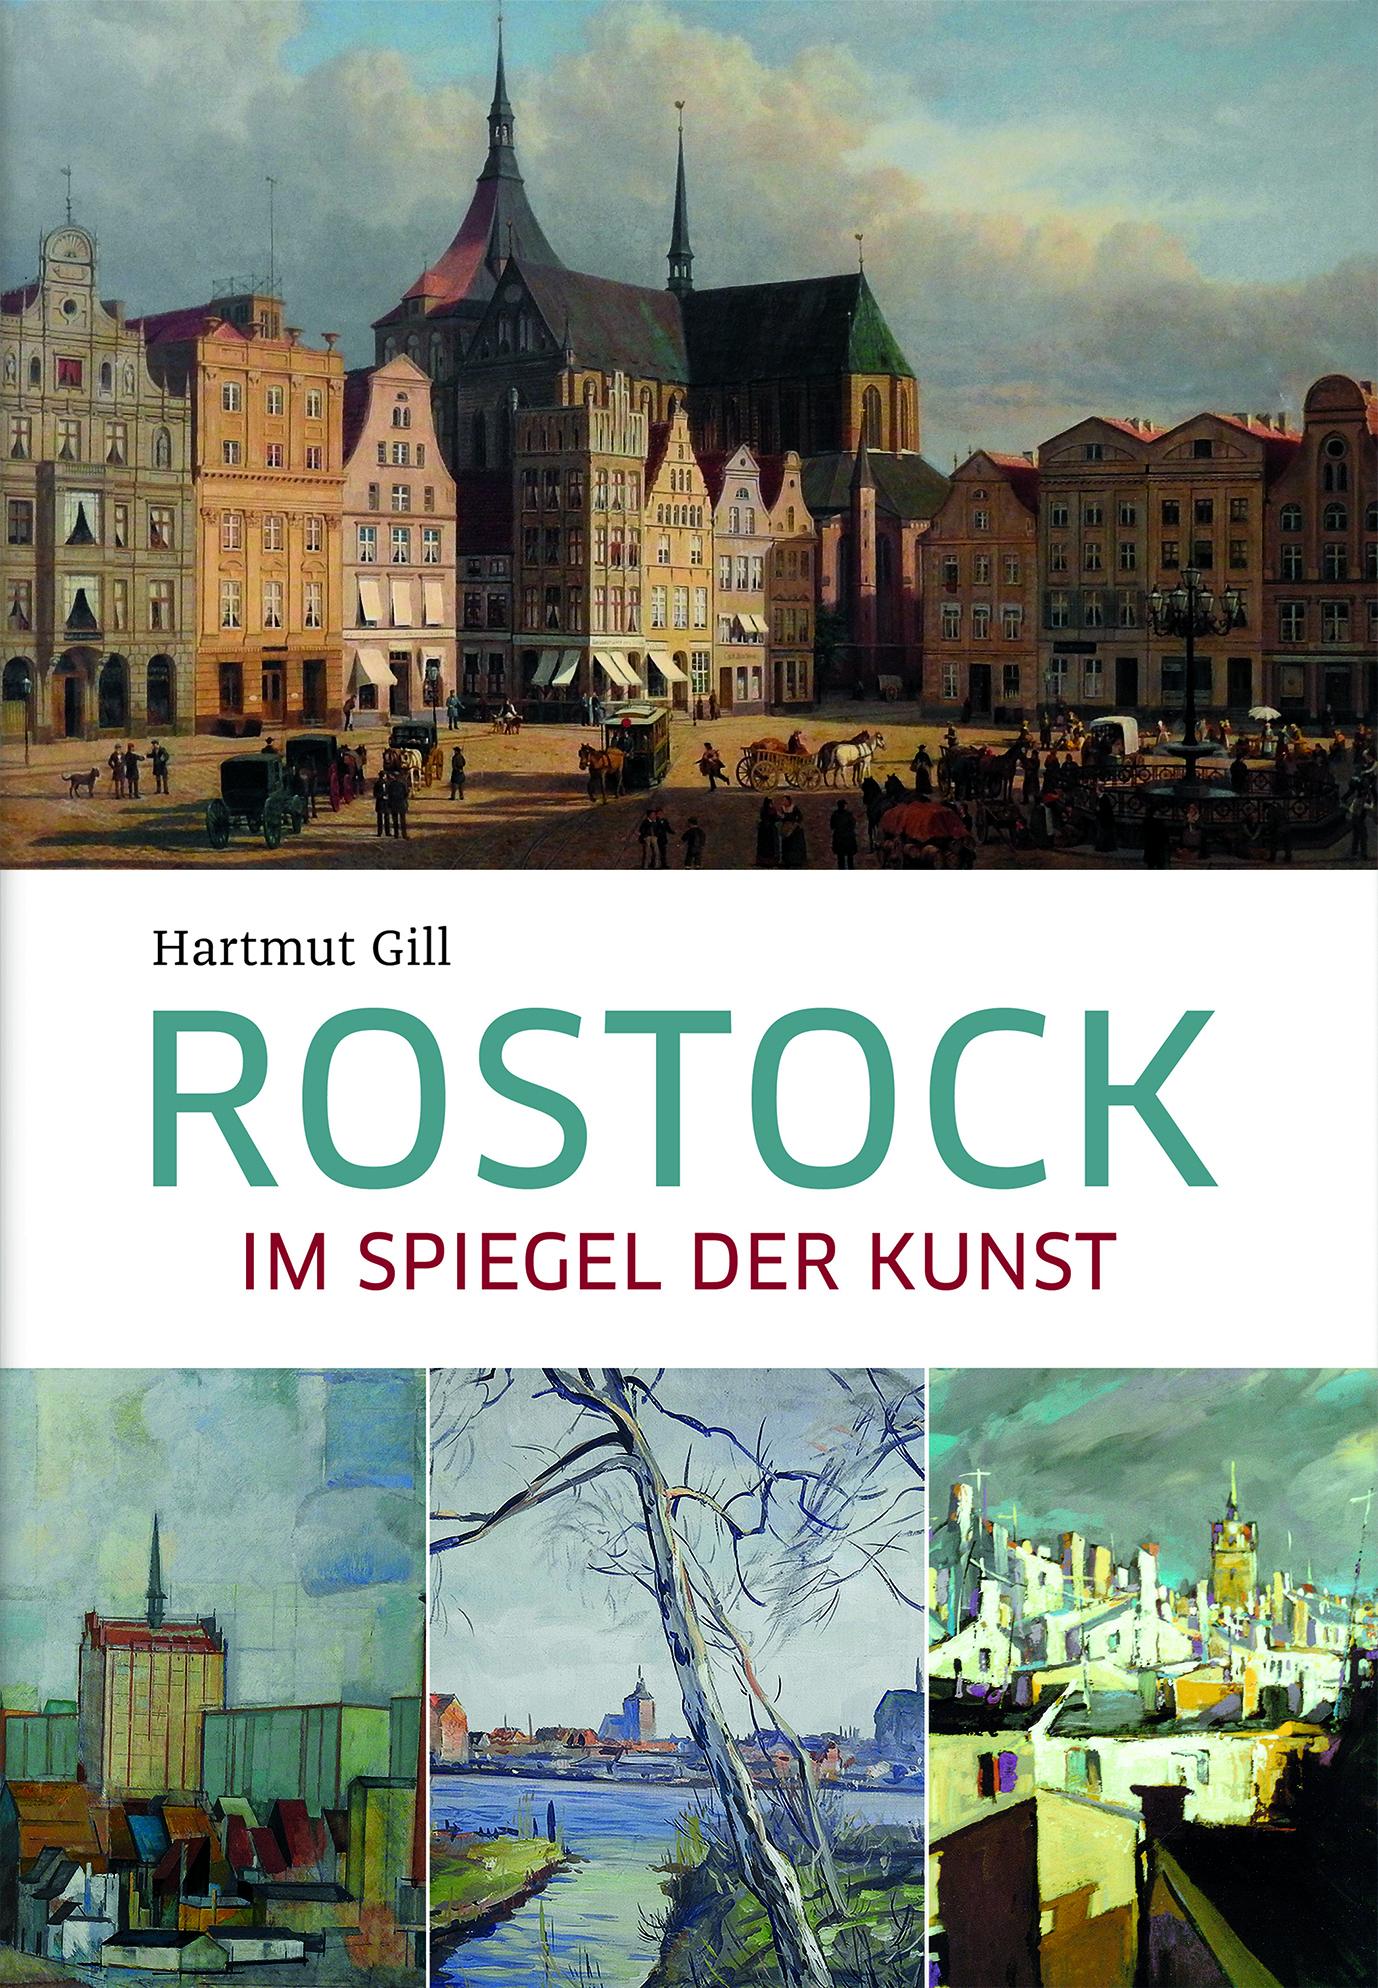 Rostock im Spiegel der Kunst